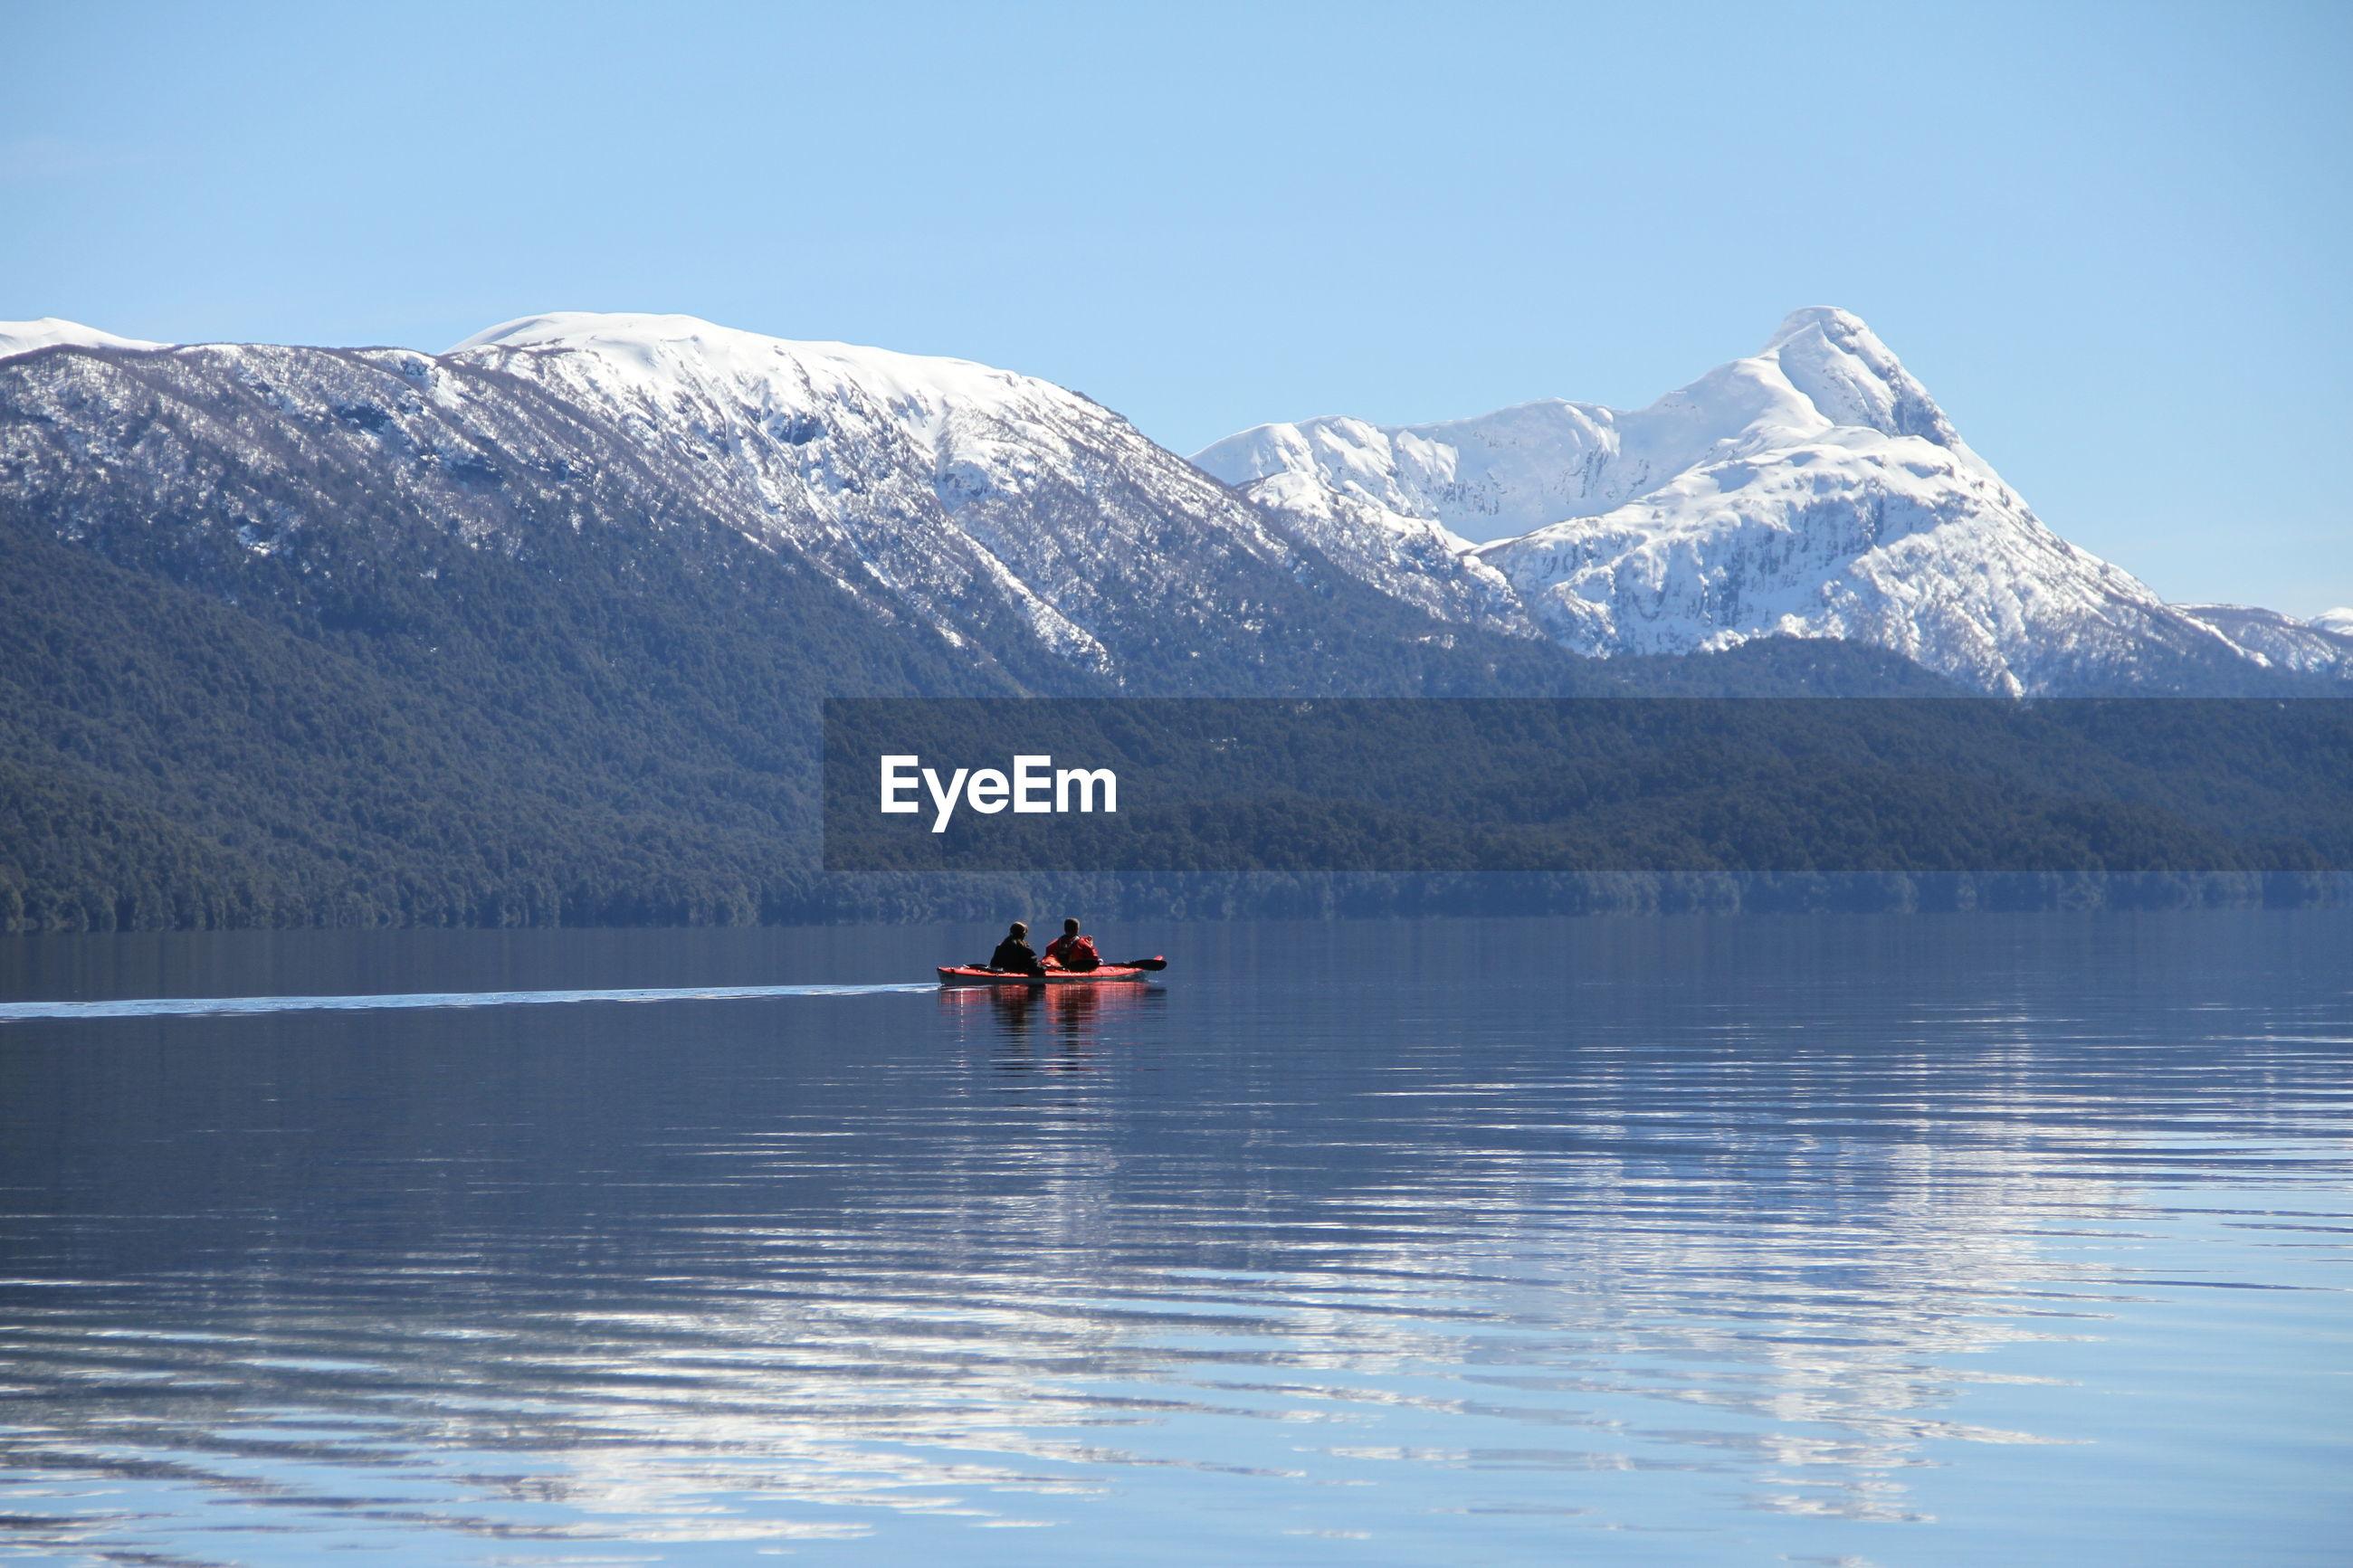 People kayaking on lake against mountains